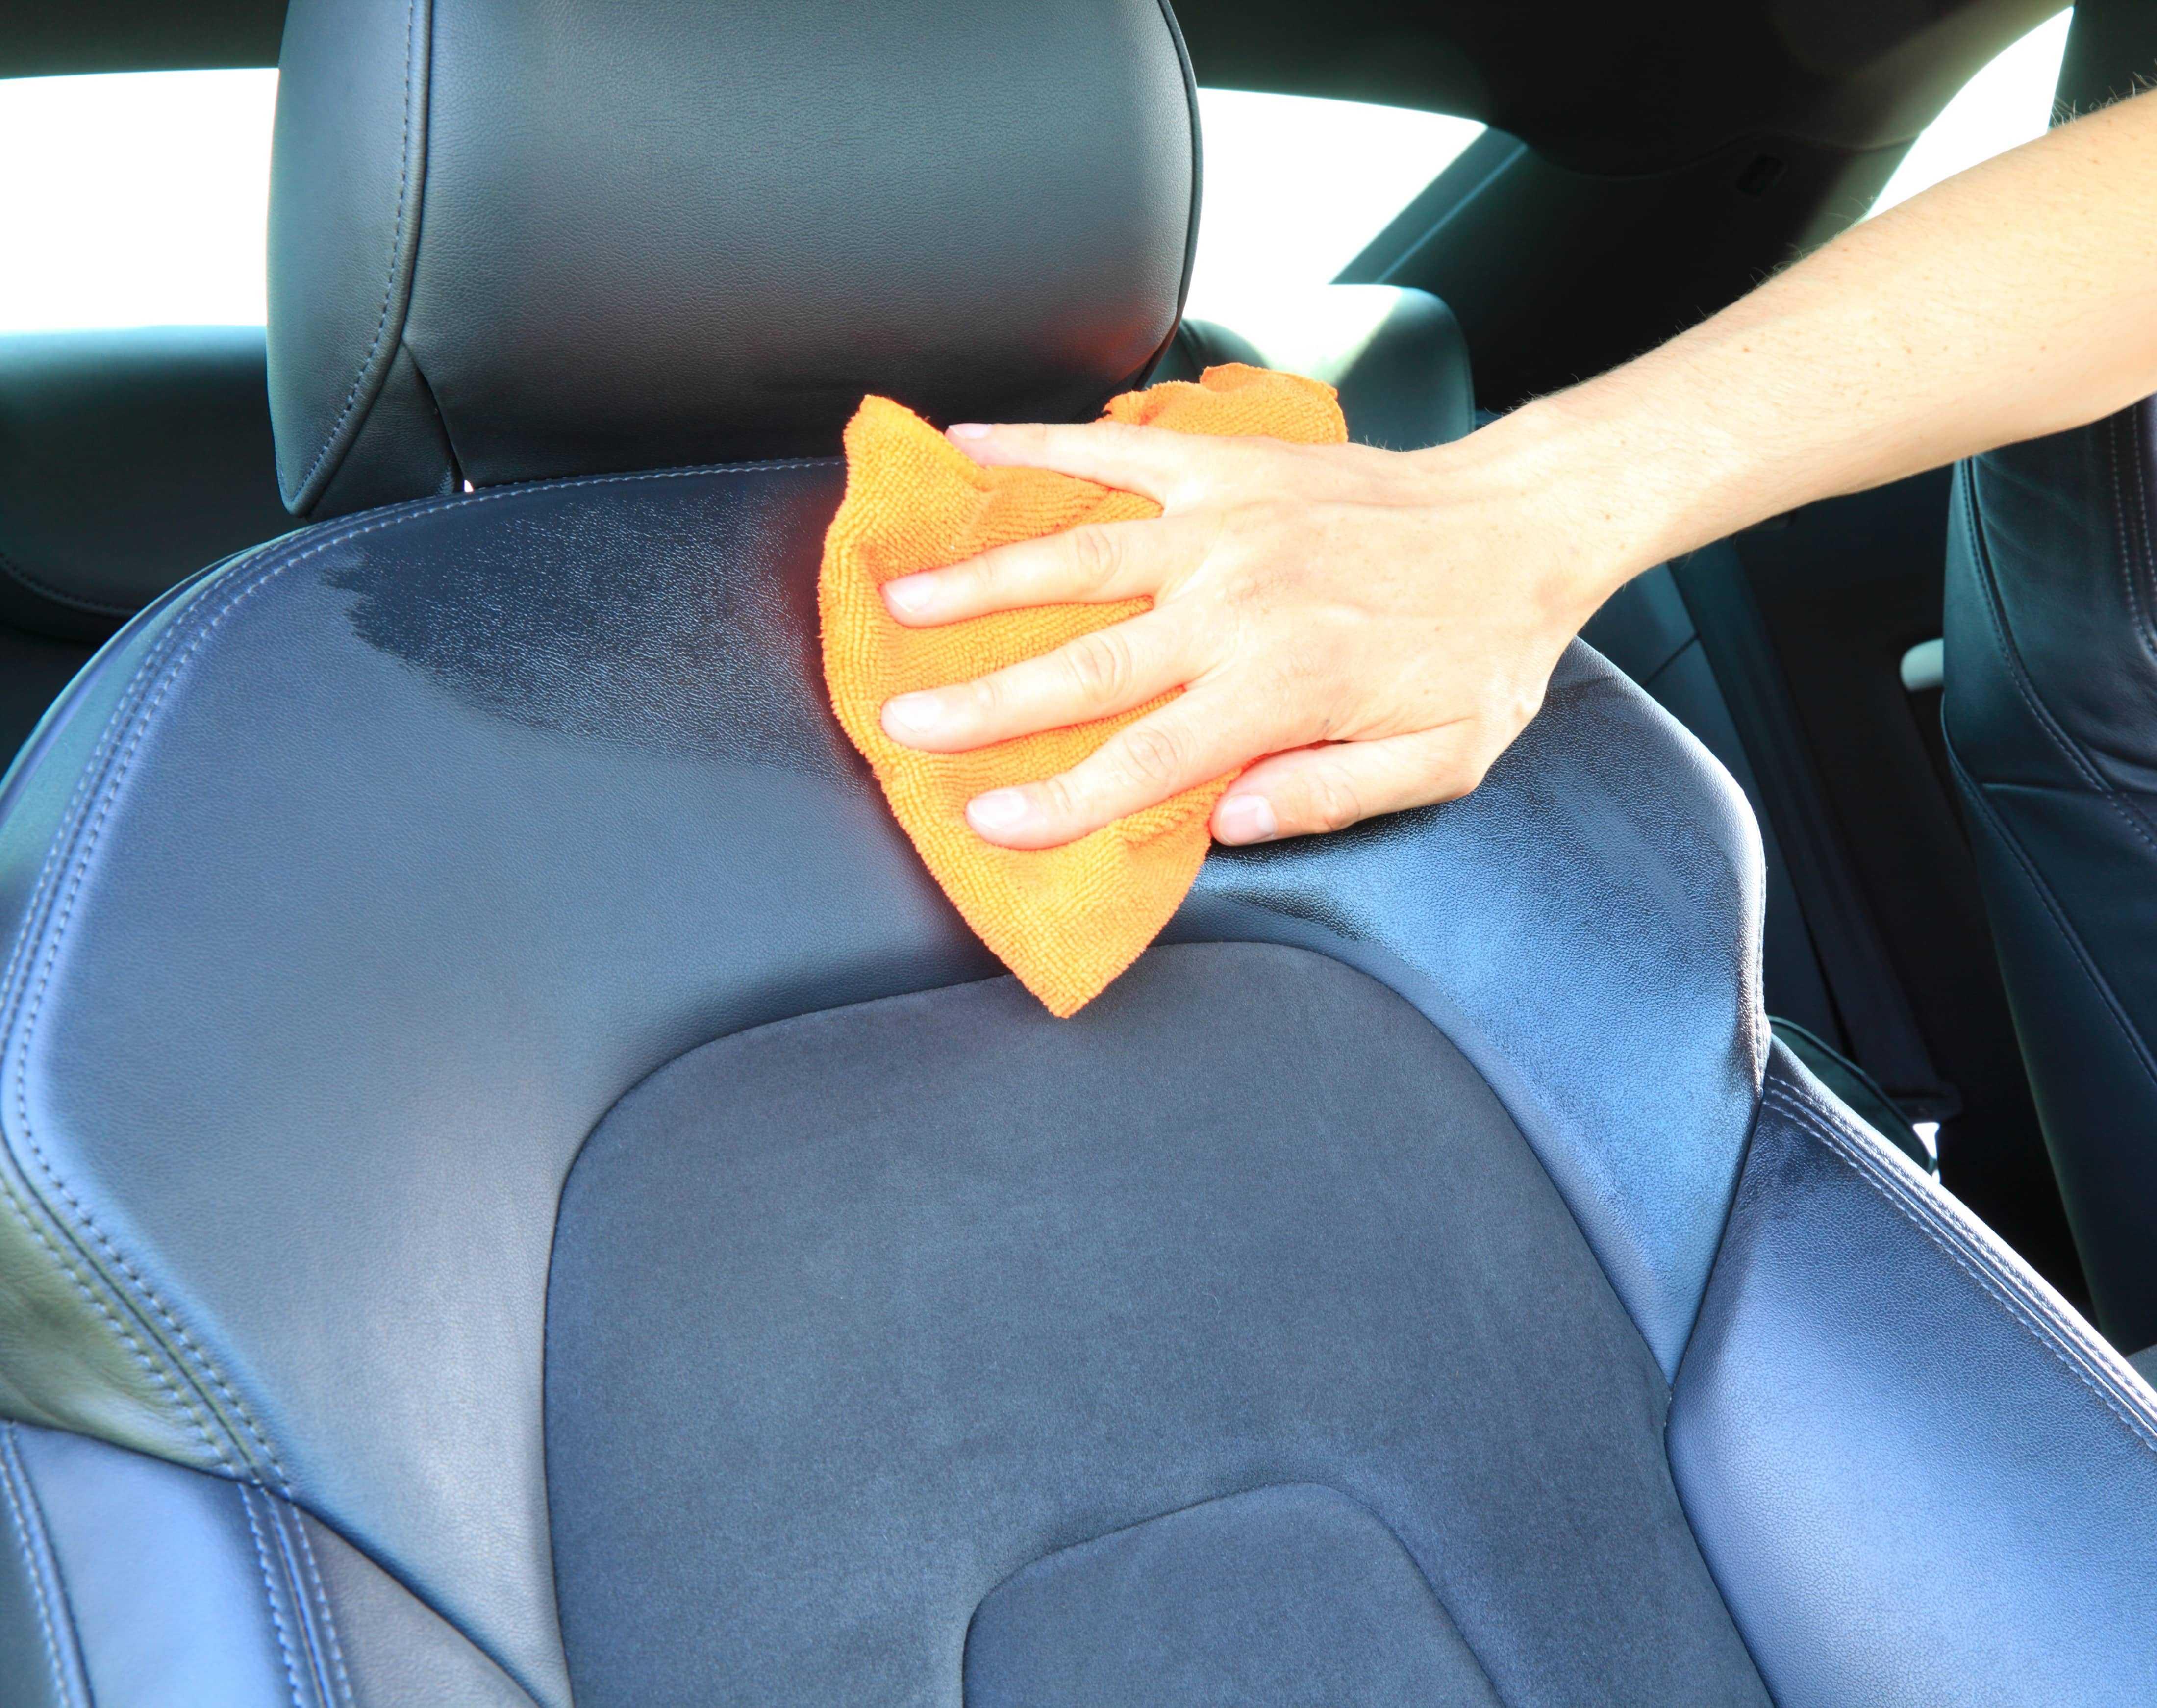 Autositz mit einem leicht angefeuchteten Tuch abwischen